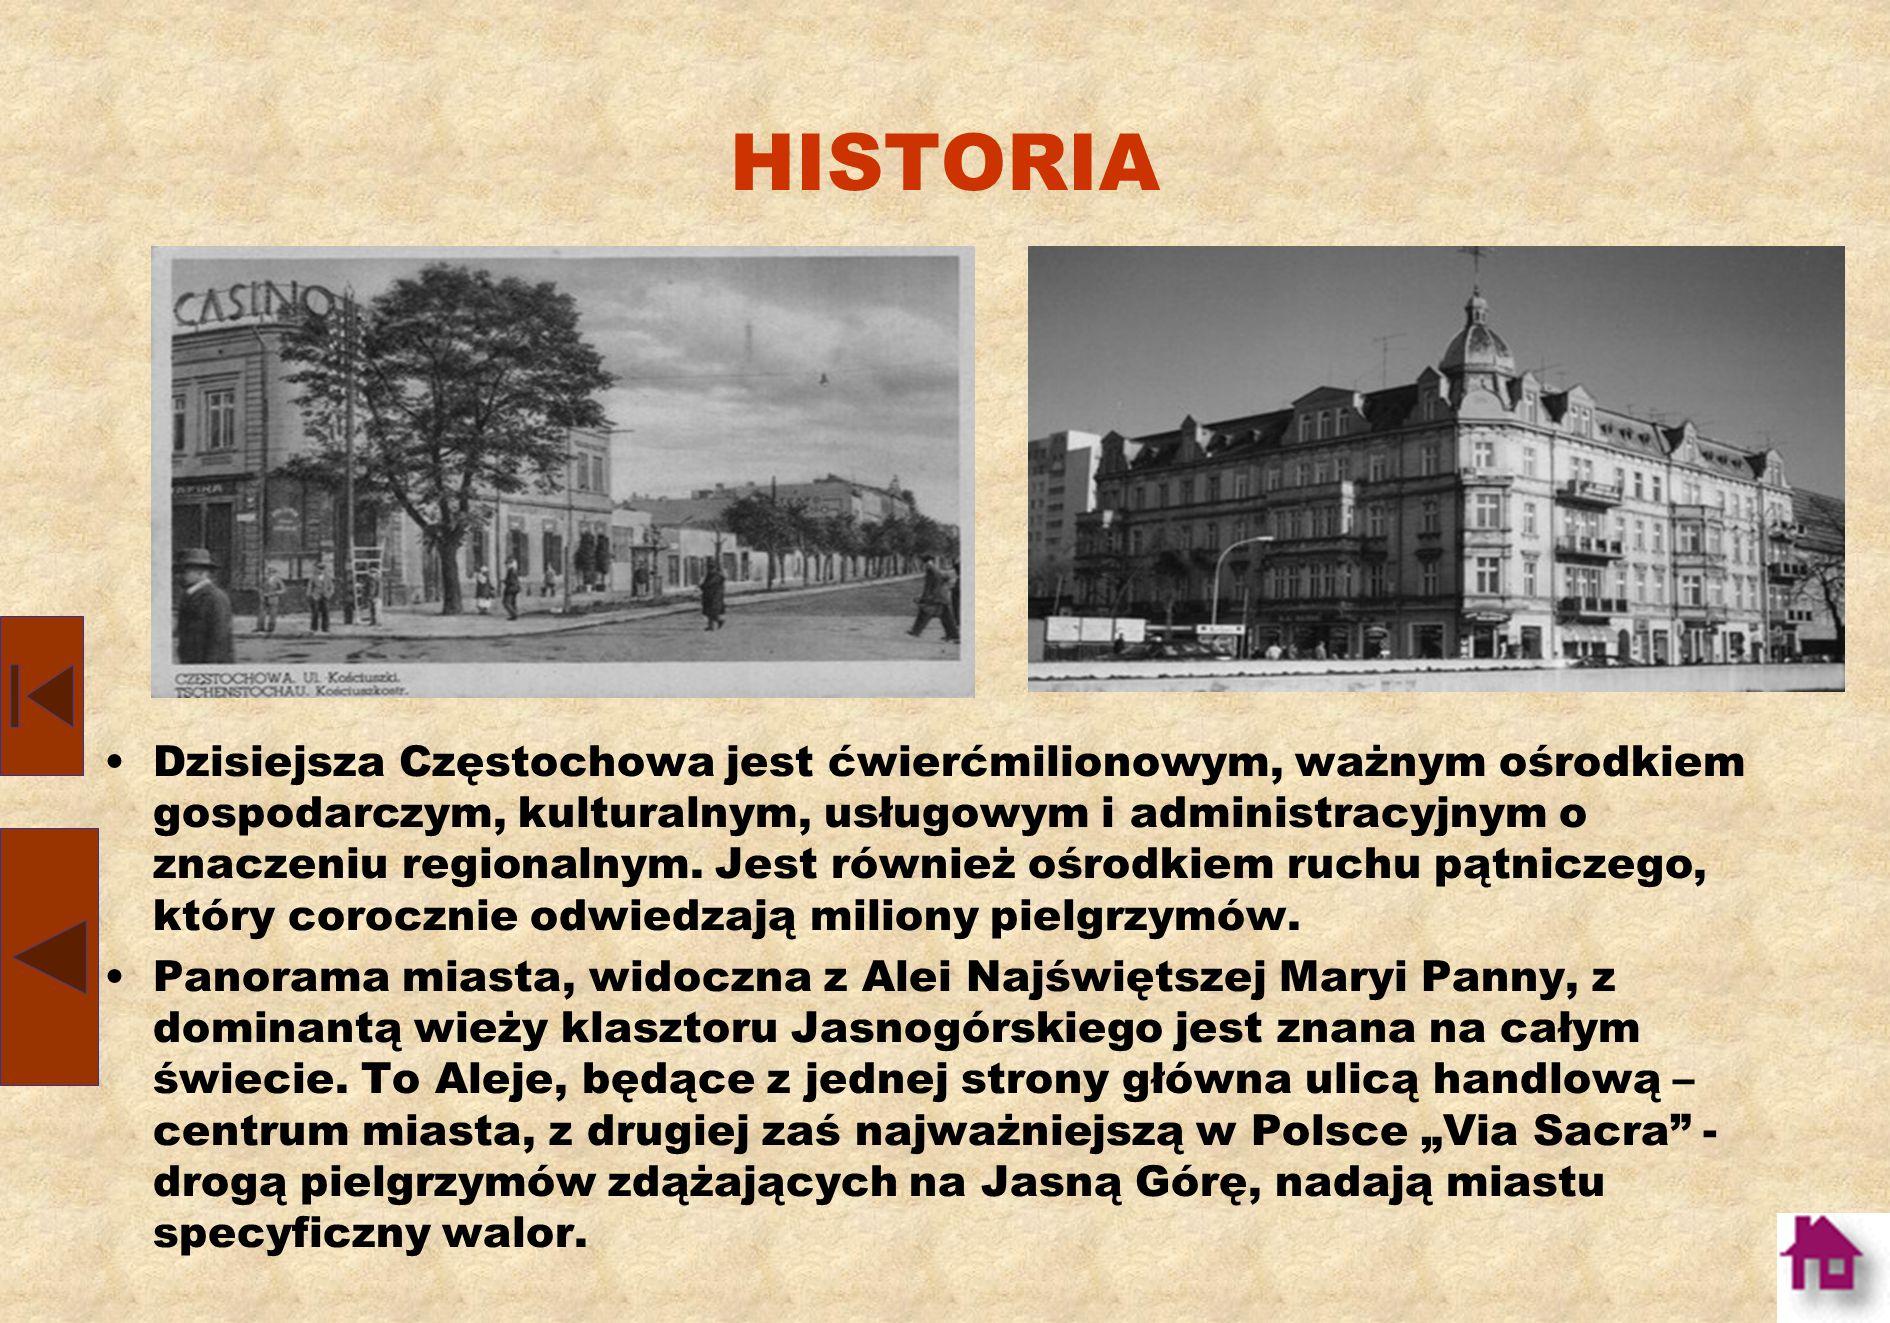 HISTORIA Po zakończeniu wojny, zapadła decyzja o budowie kombinatu metalurgicznego i uczynieniu z Częstochowy siedziby ogólnokrajowego Zjednoczenia Ko